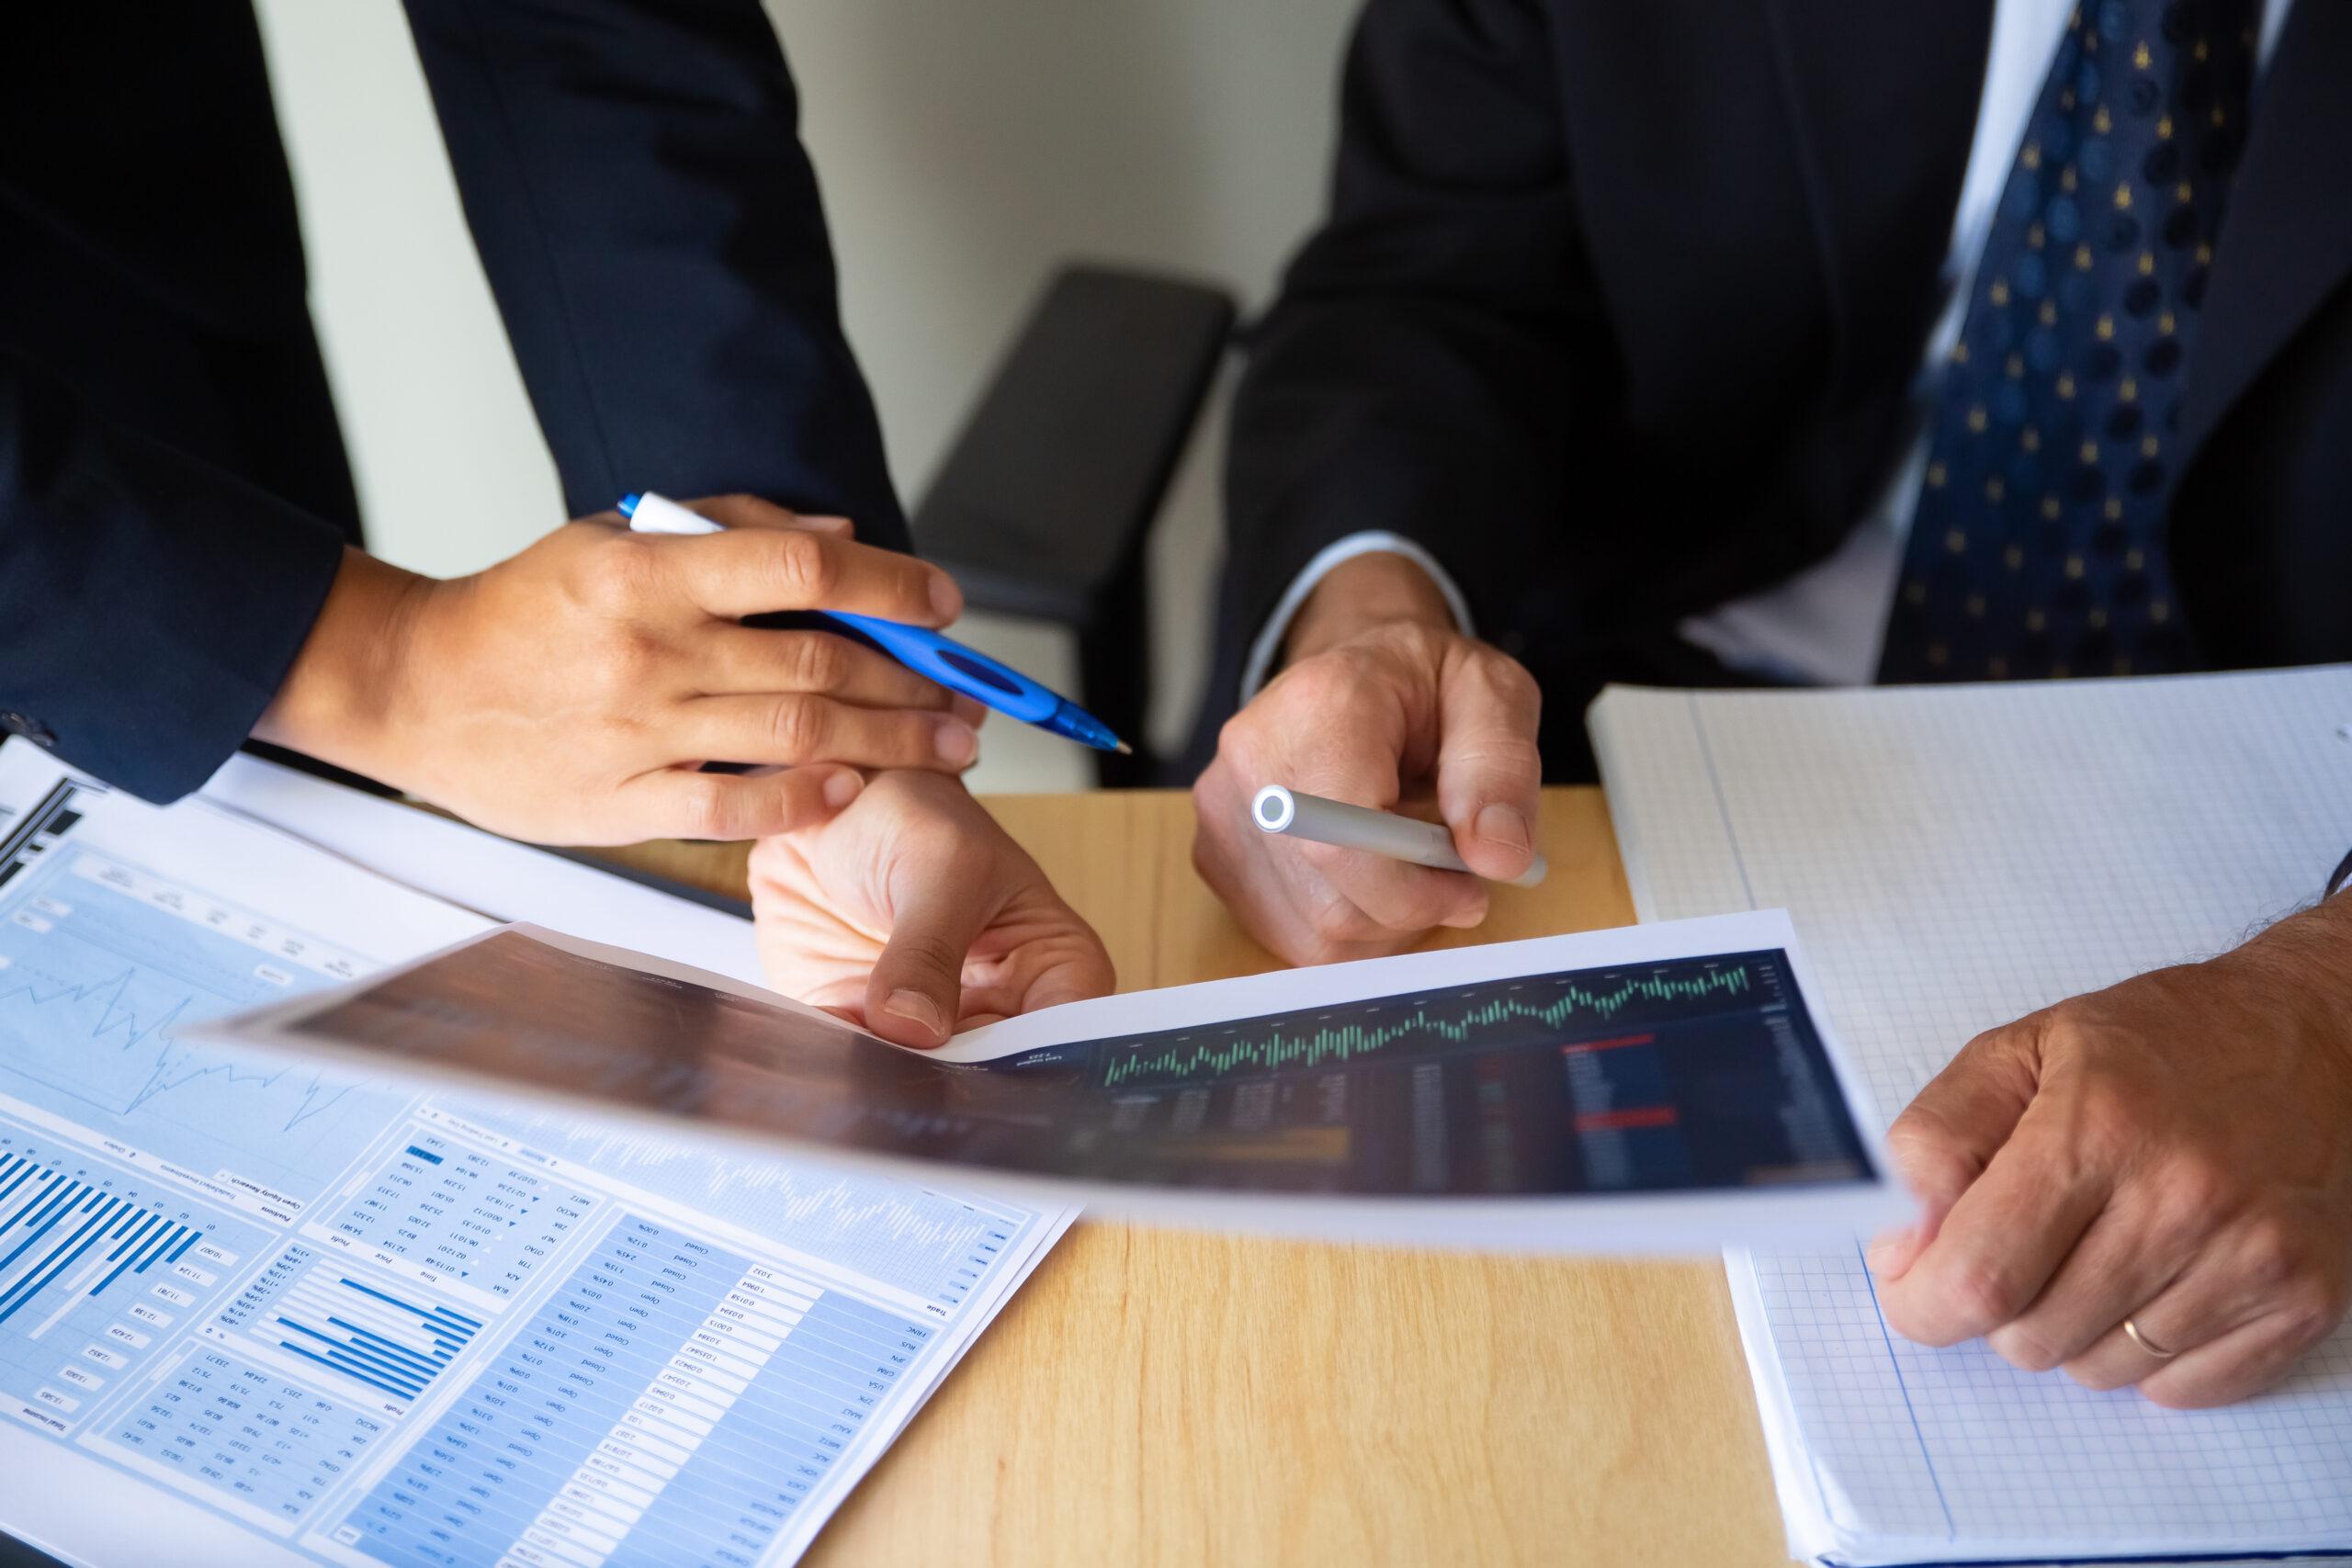 מחיקת חובות הוצאה לפועל